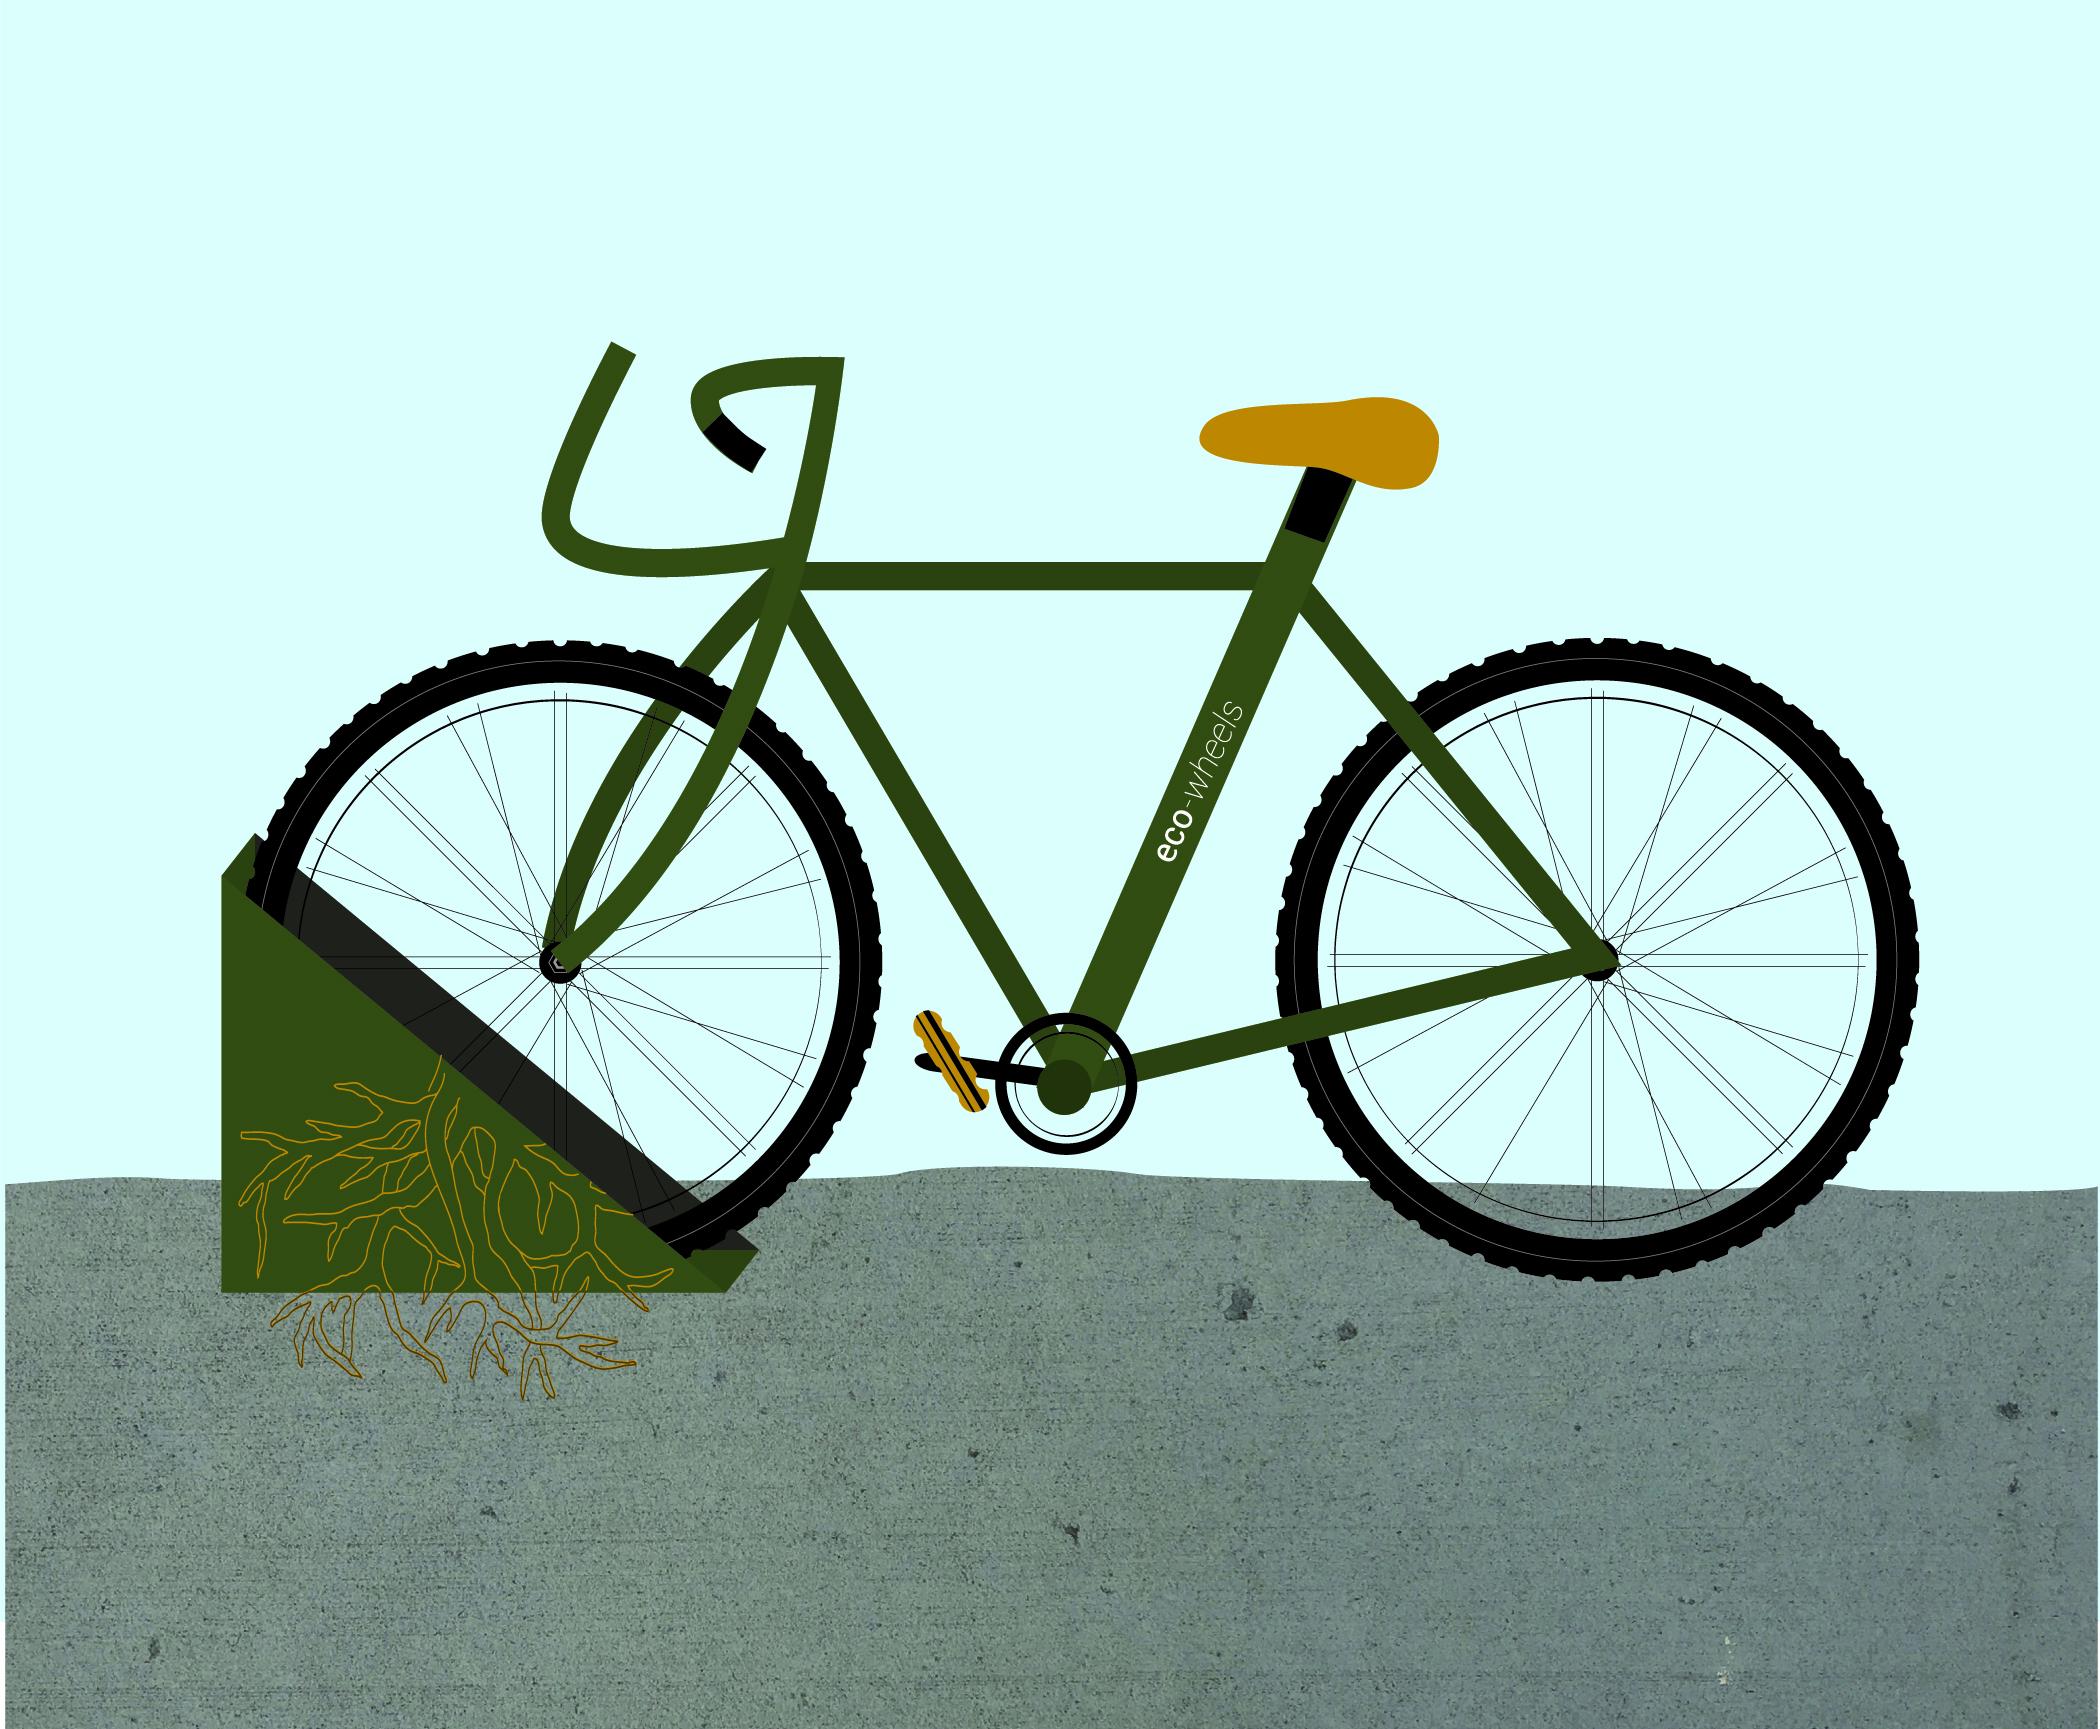 eco-wheelsbike.jpg